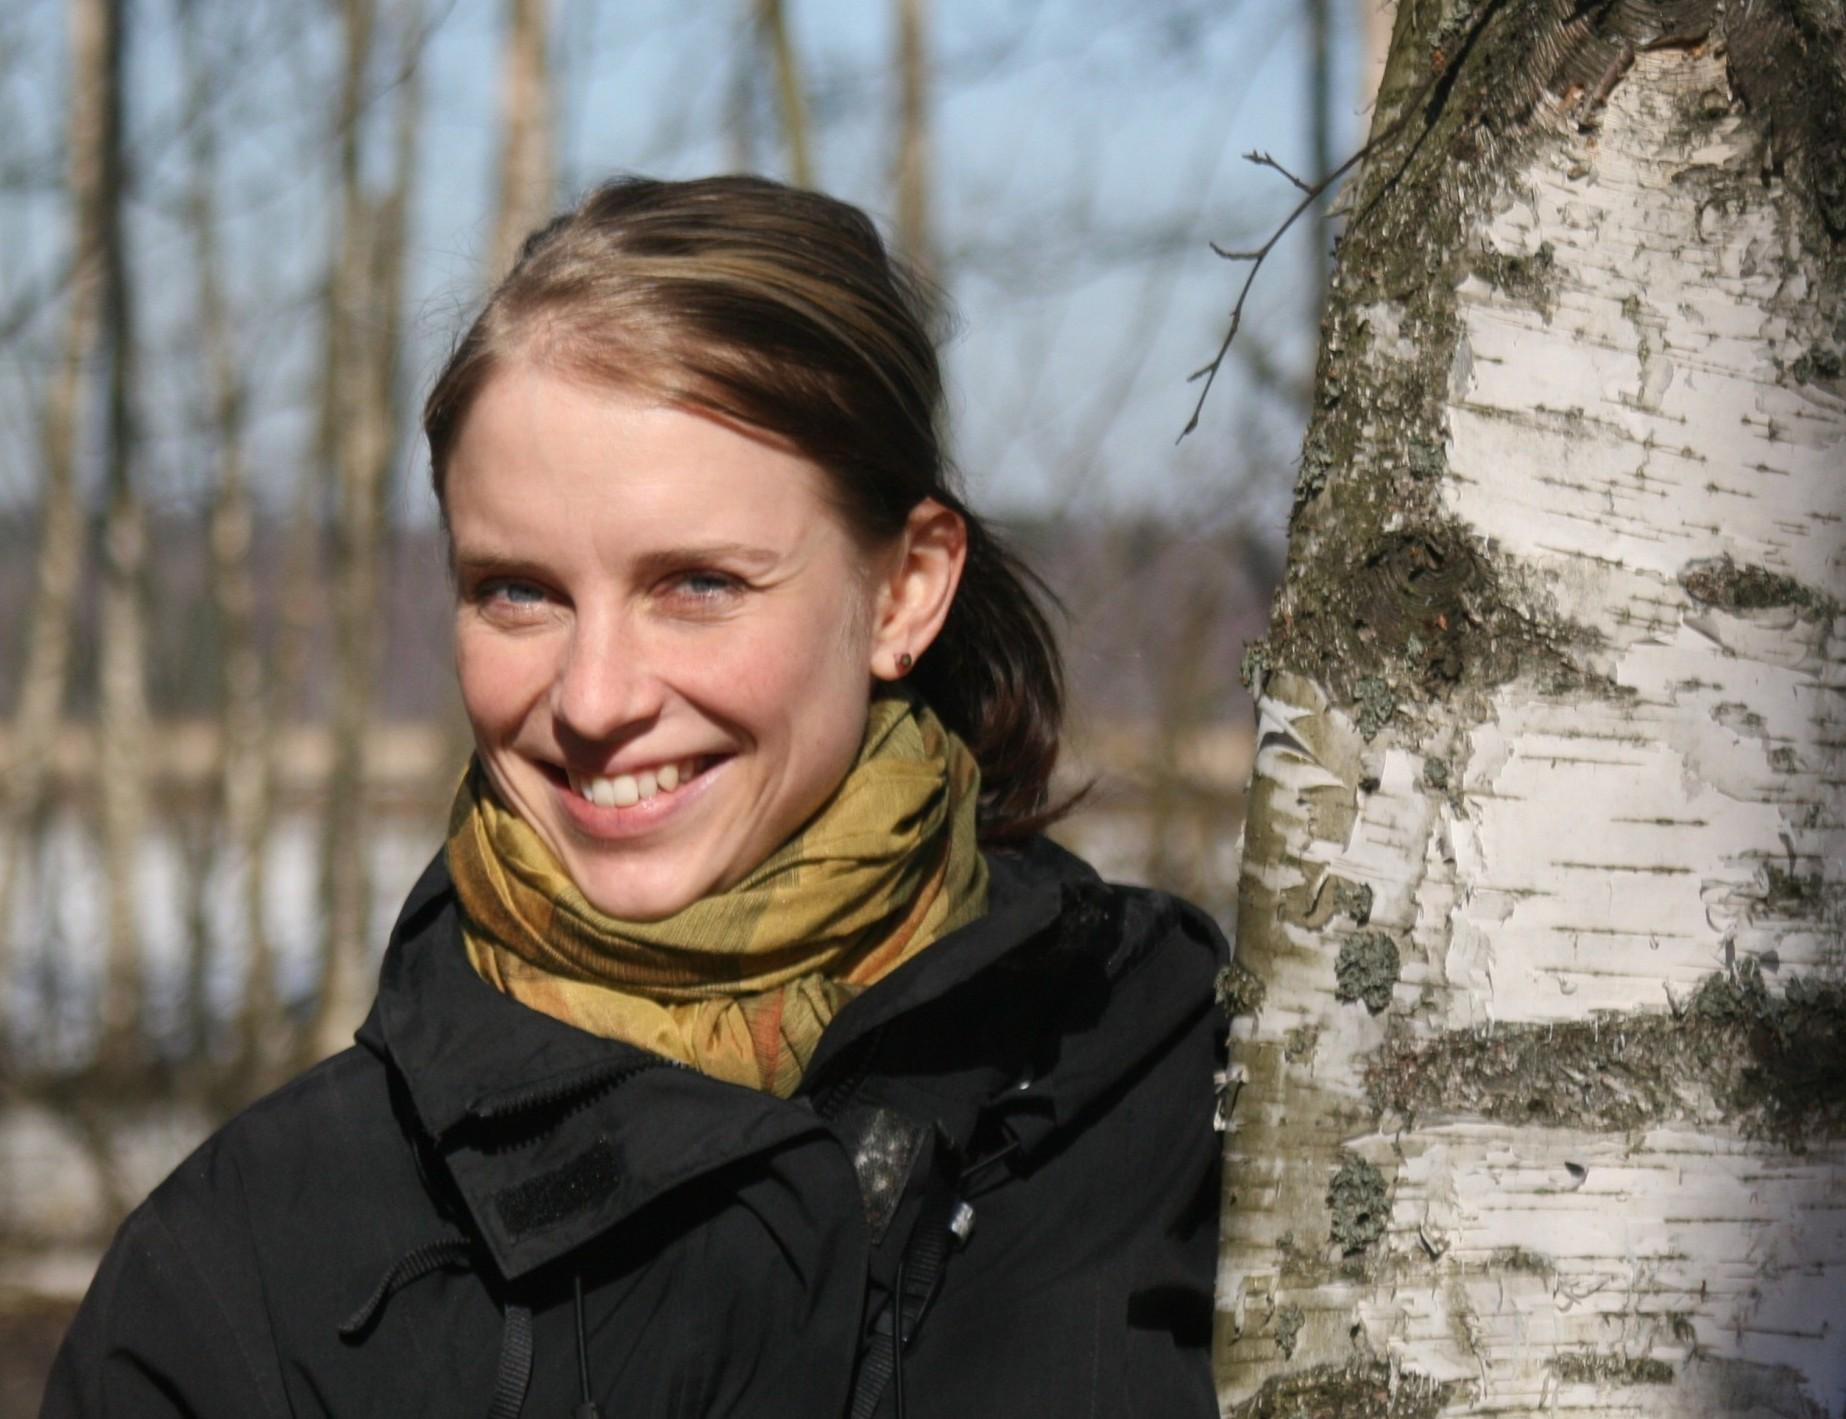 Jenni Leppänen